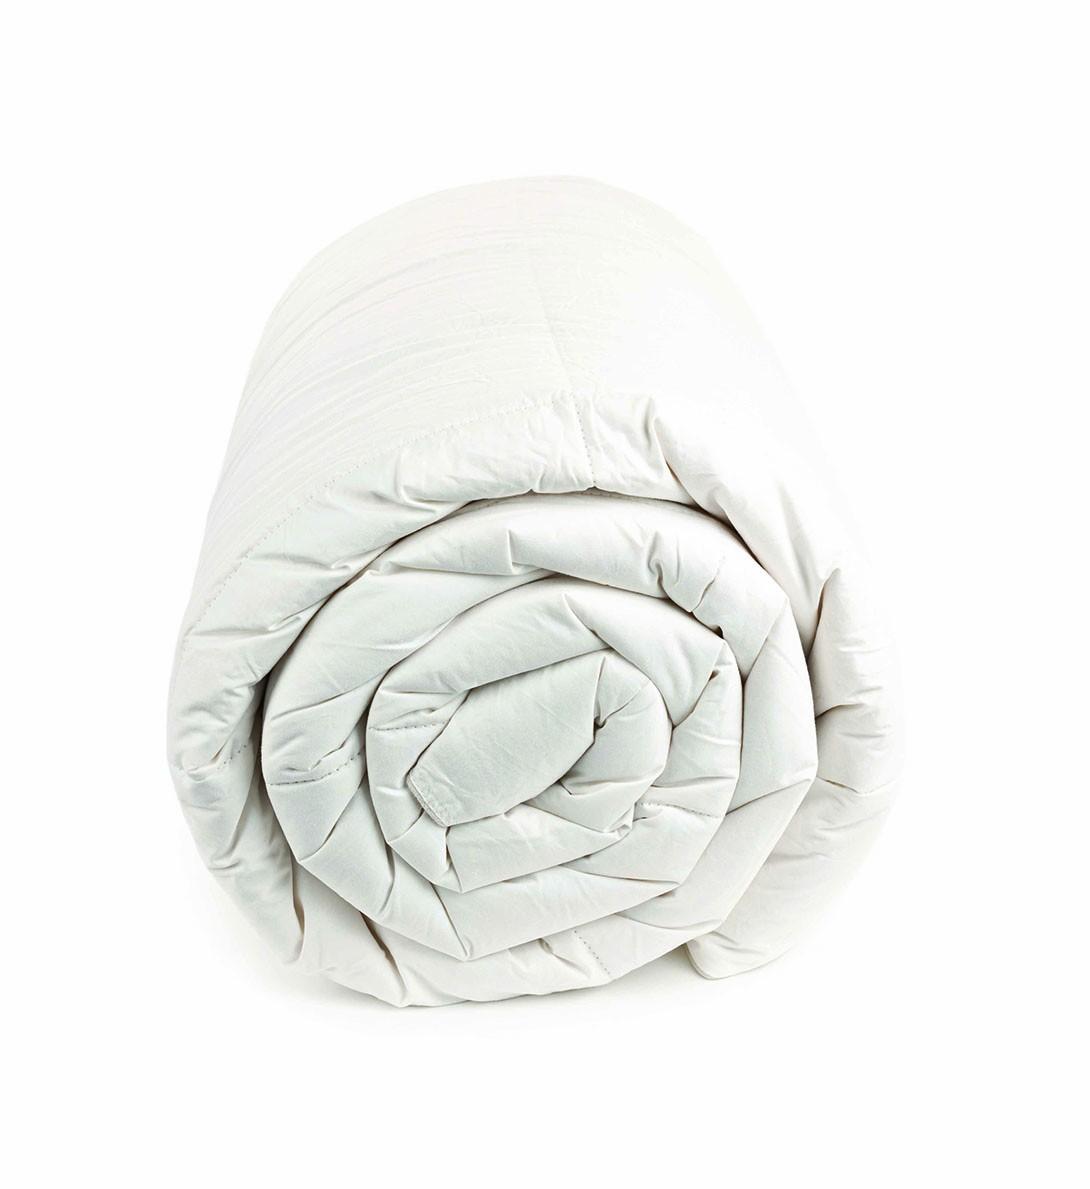 Πάπλωμα Μονό Makis Tselios Fiber/Perkal home   κρεβατοκάμαρα   παπλώματα   παπλώματα λευκά